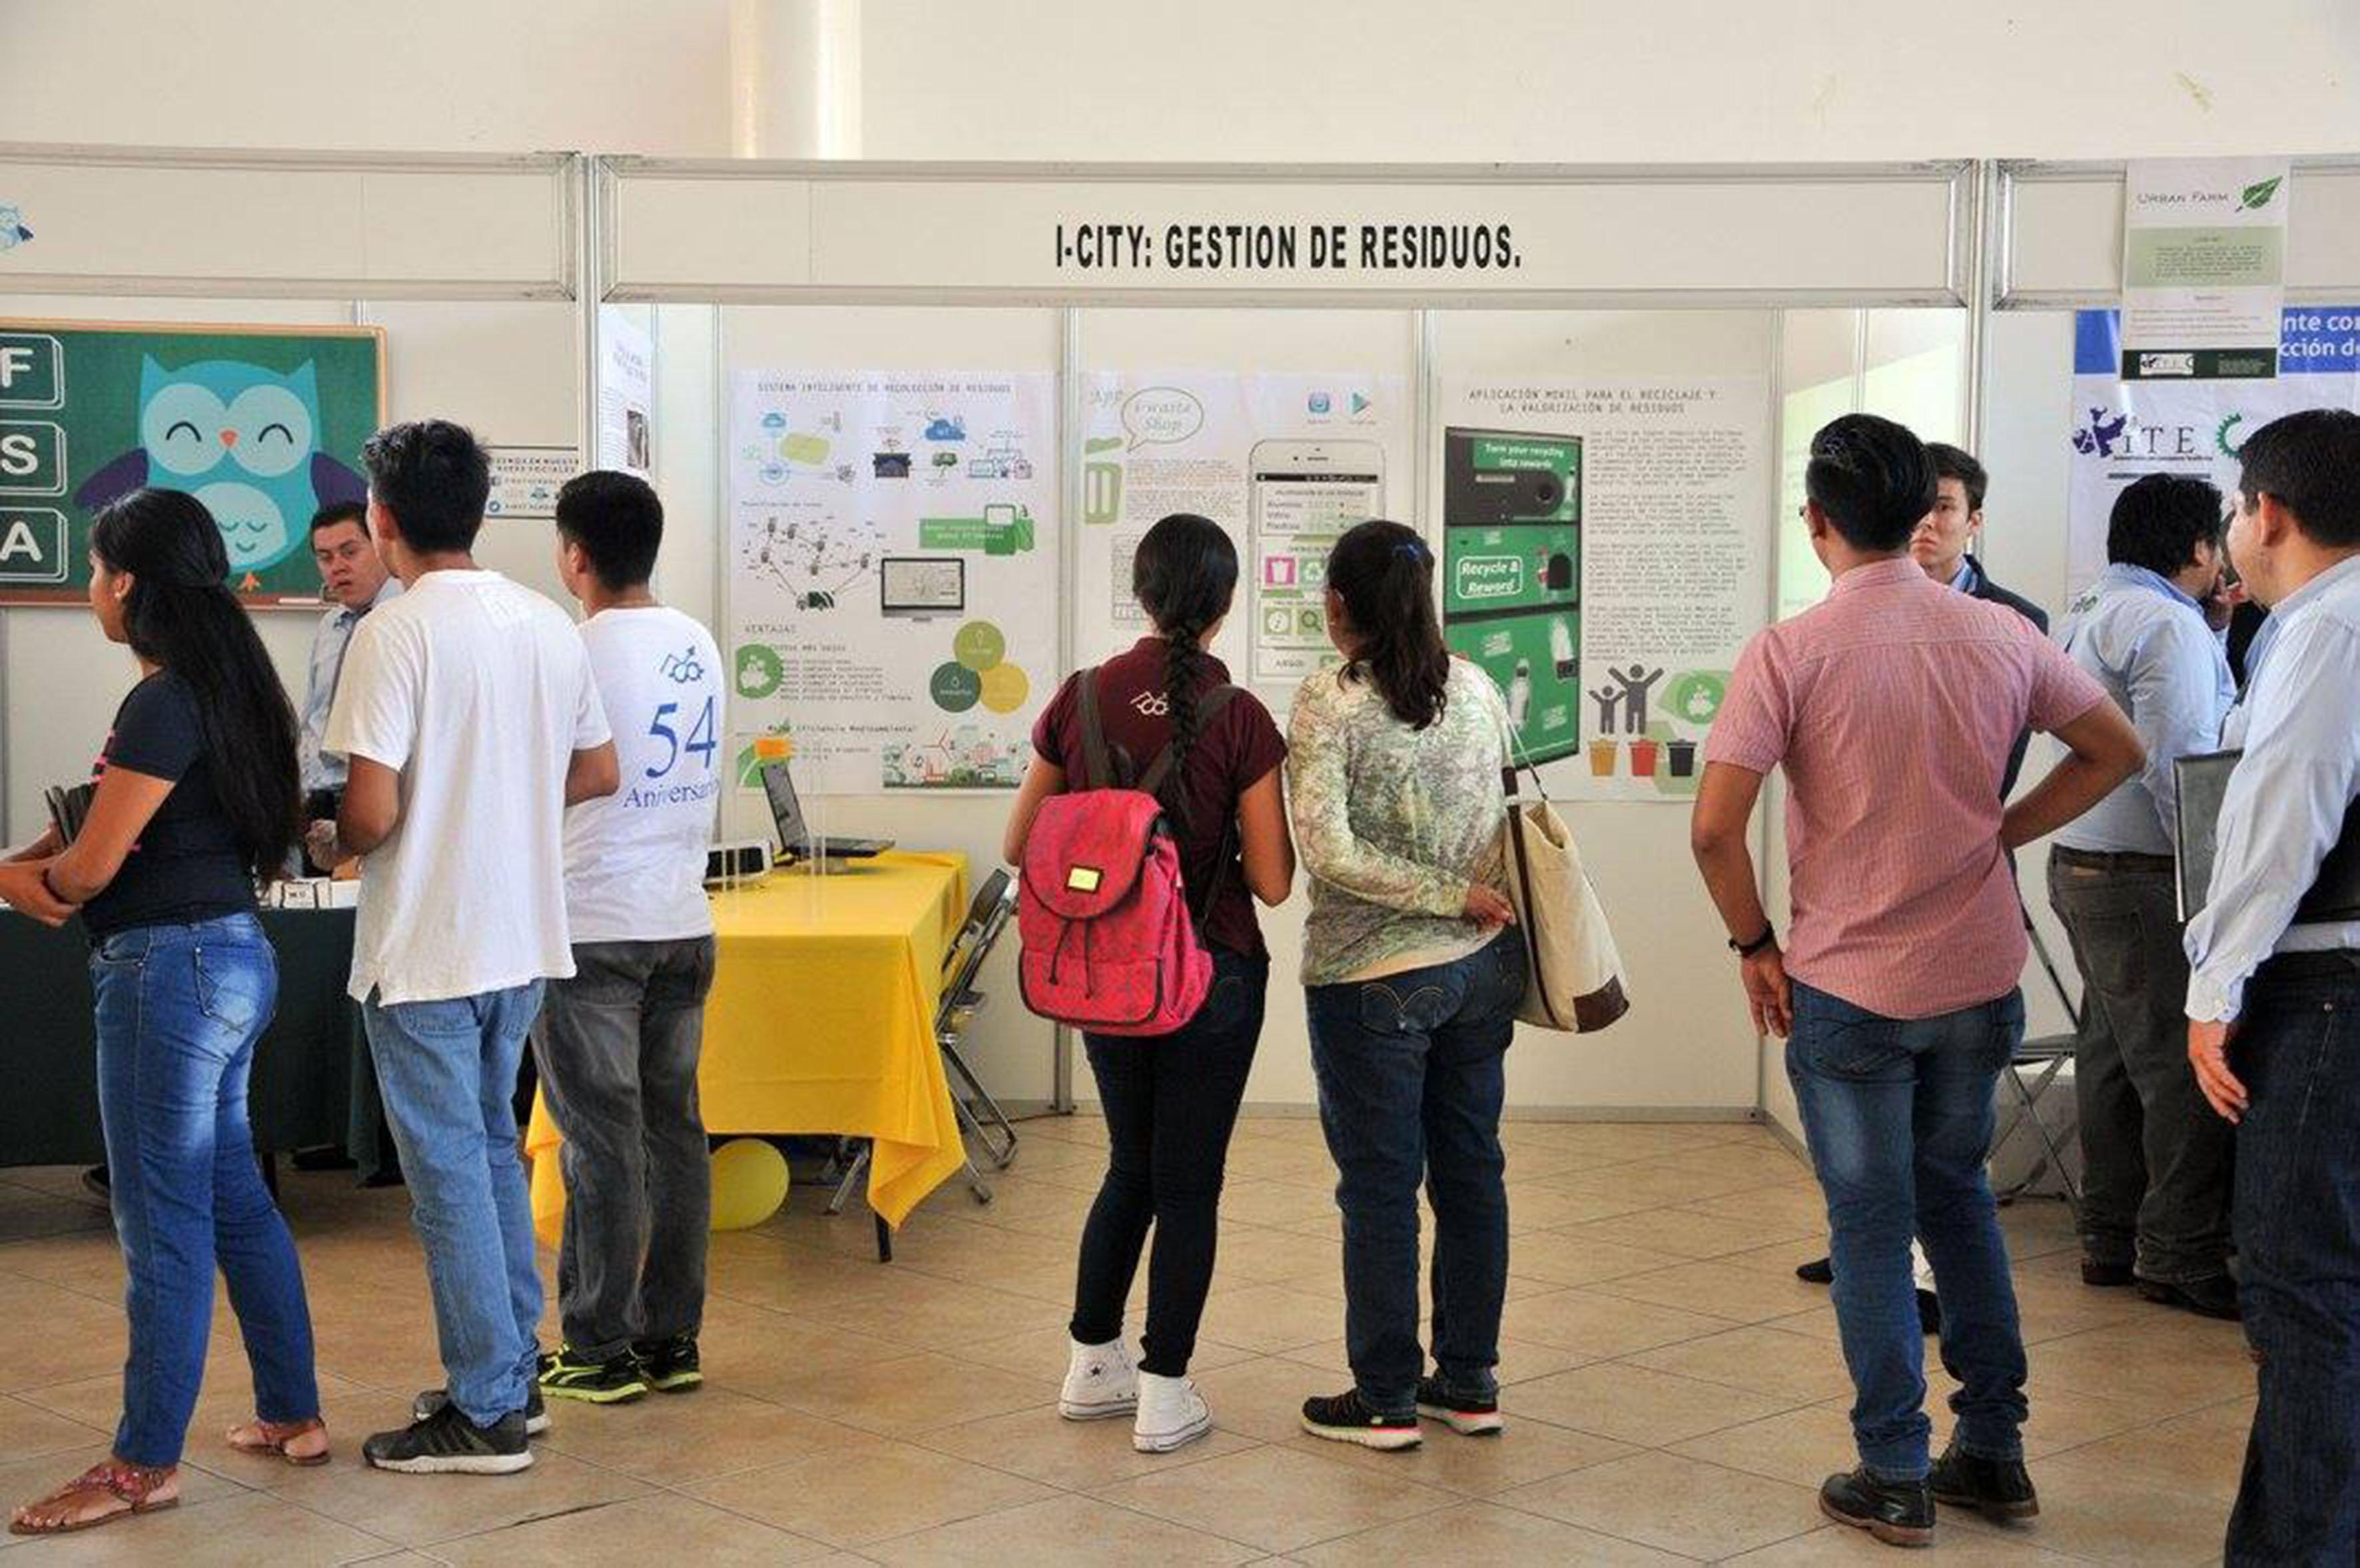 """Asistentes al concurso visitando el módulo del proyecto """"i-City: Sistema de gestión integral de reciclaje y recolección de residuos"""""""